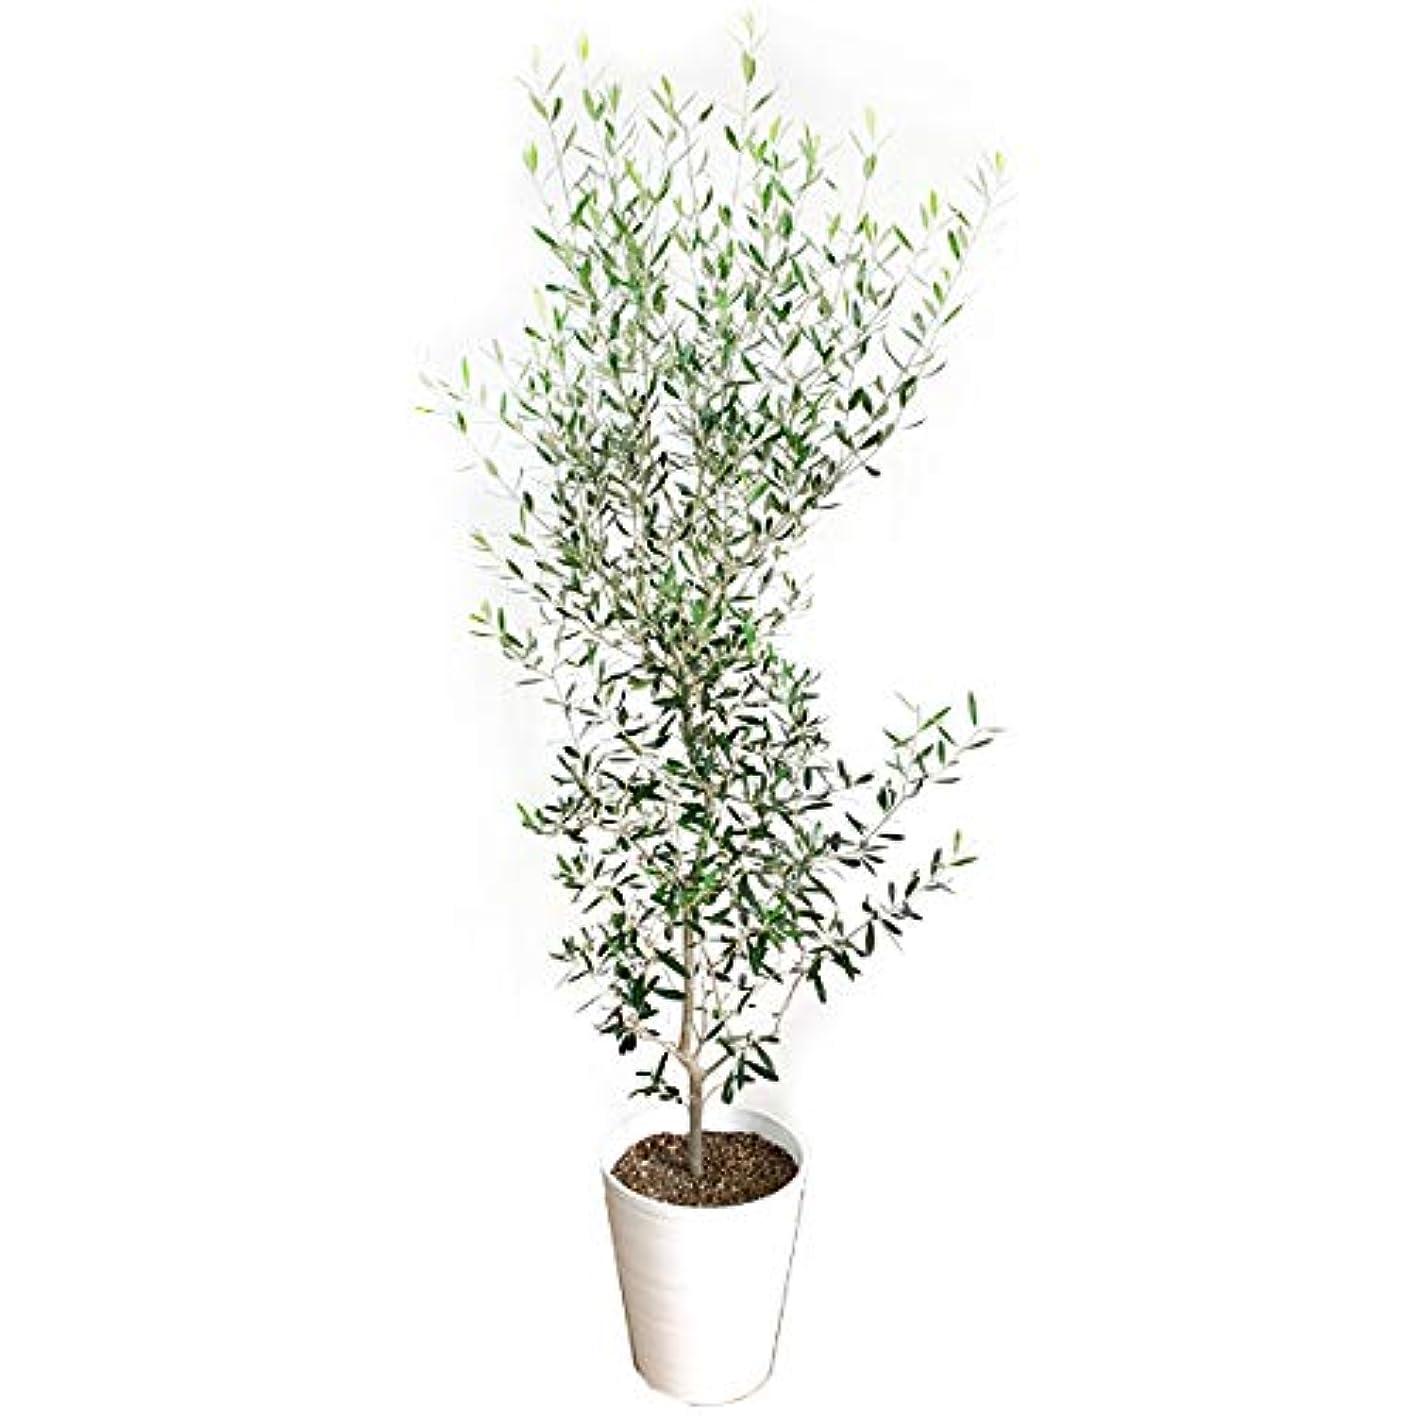 薄める真実警察オリーブの木 10号 ホワイトセラアート鉢 大鉢 大型 インテリア 庭木 鉢植え ガーデニング インテリア 観葉植物 大サイズ 本物 10号